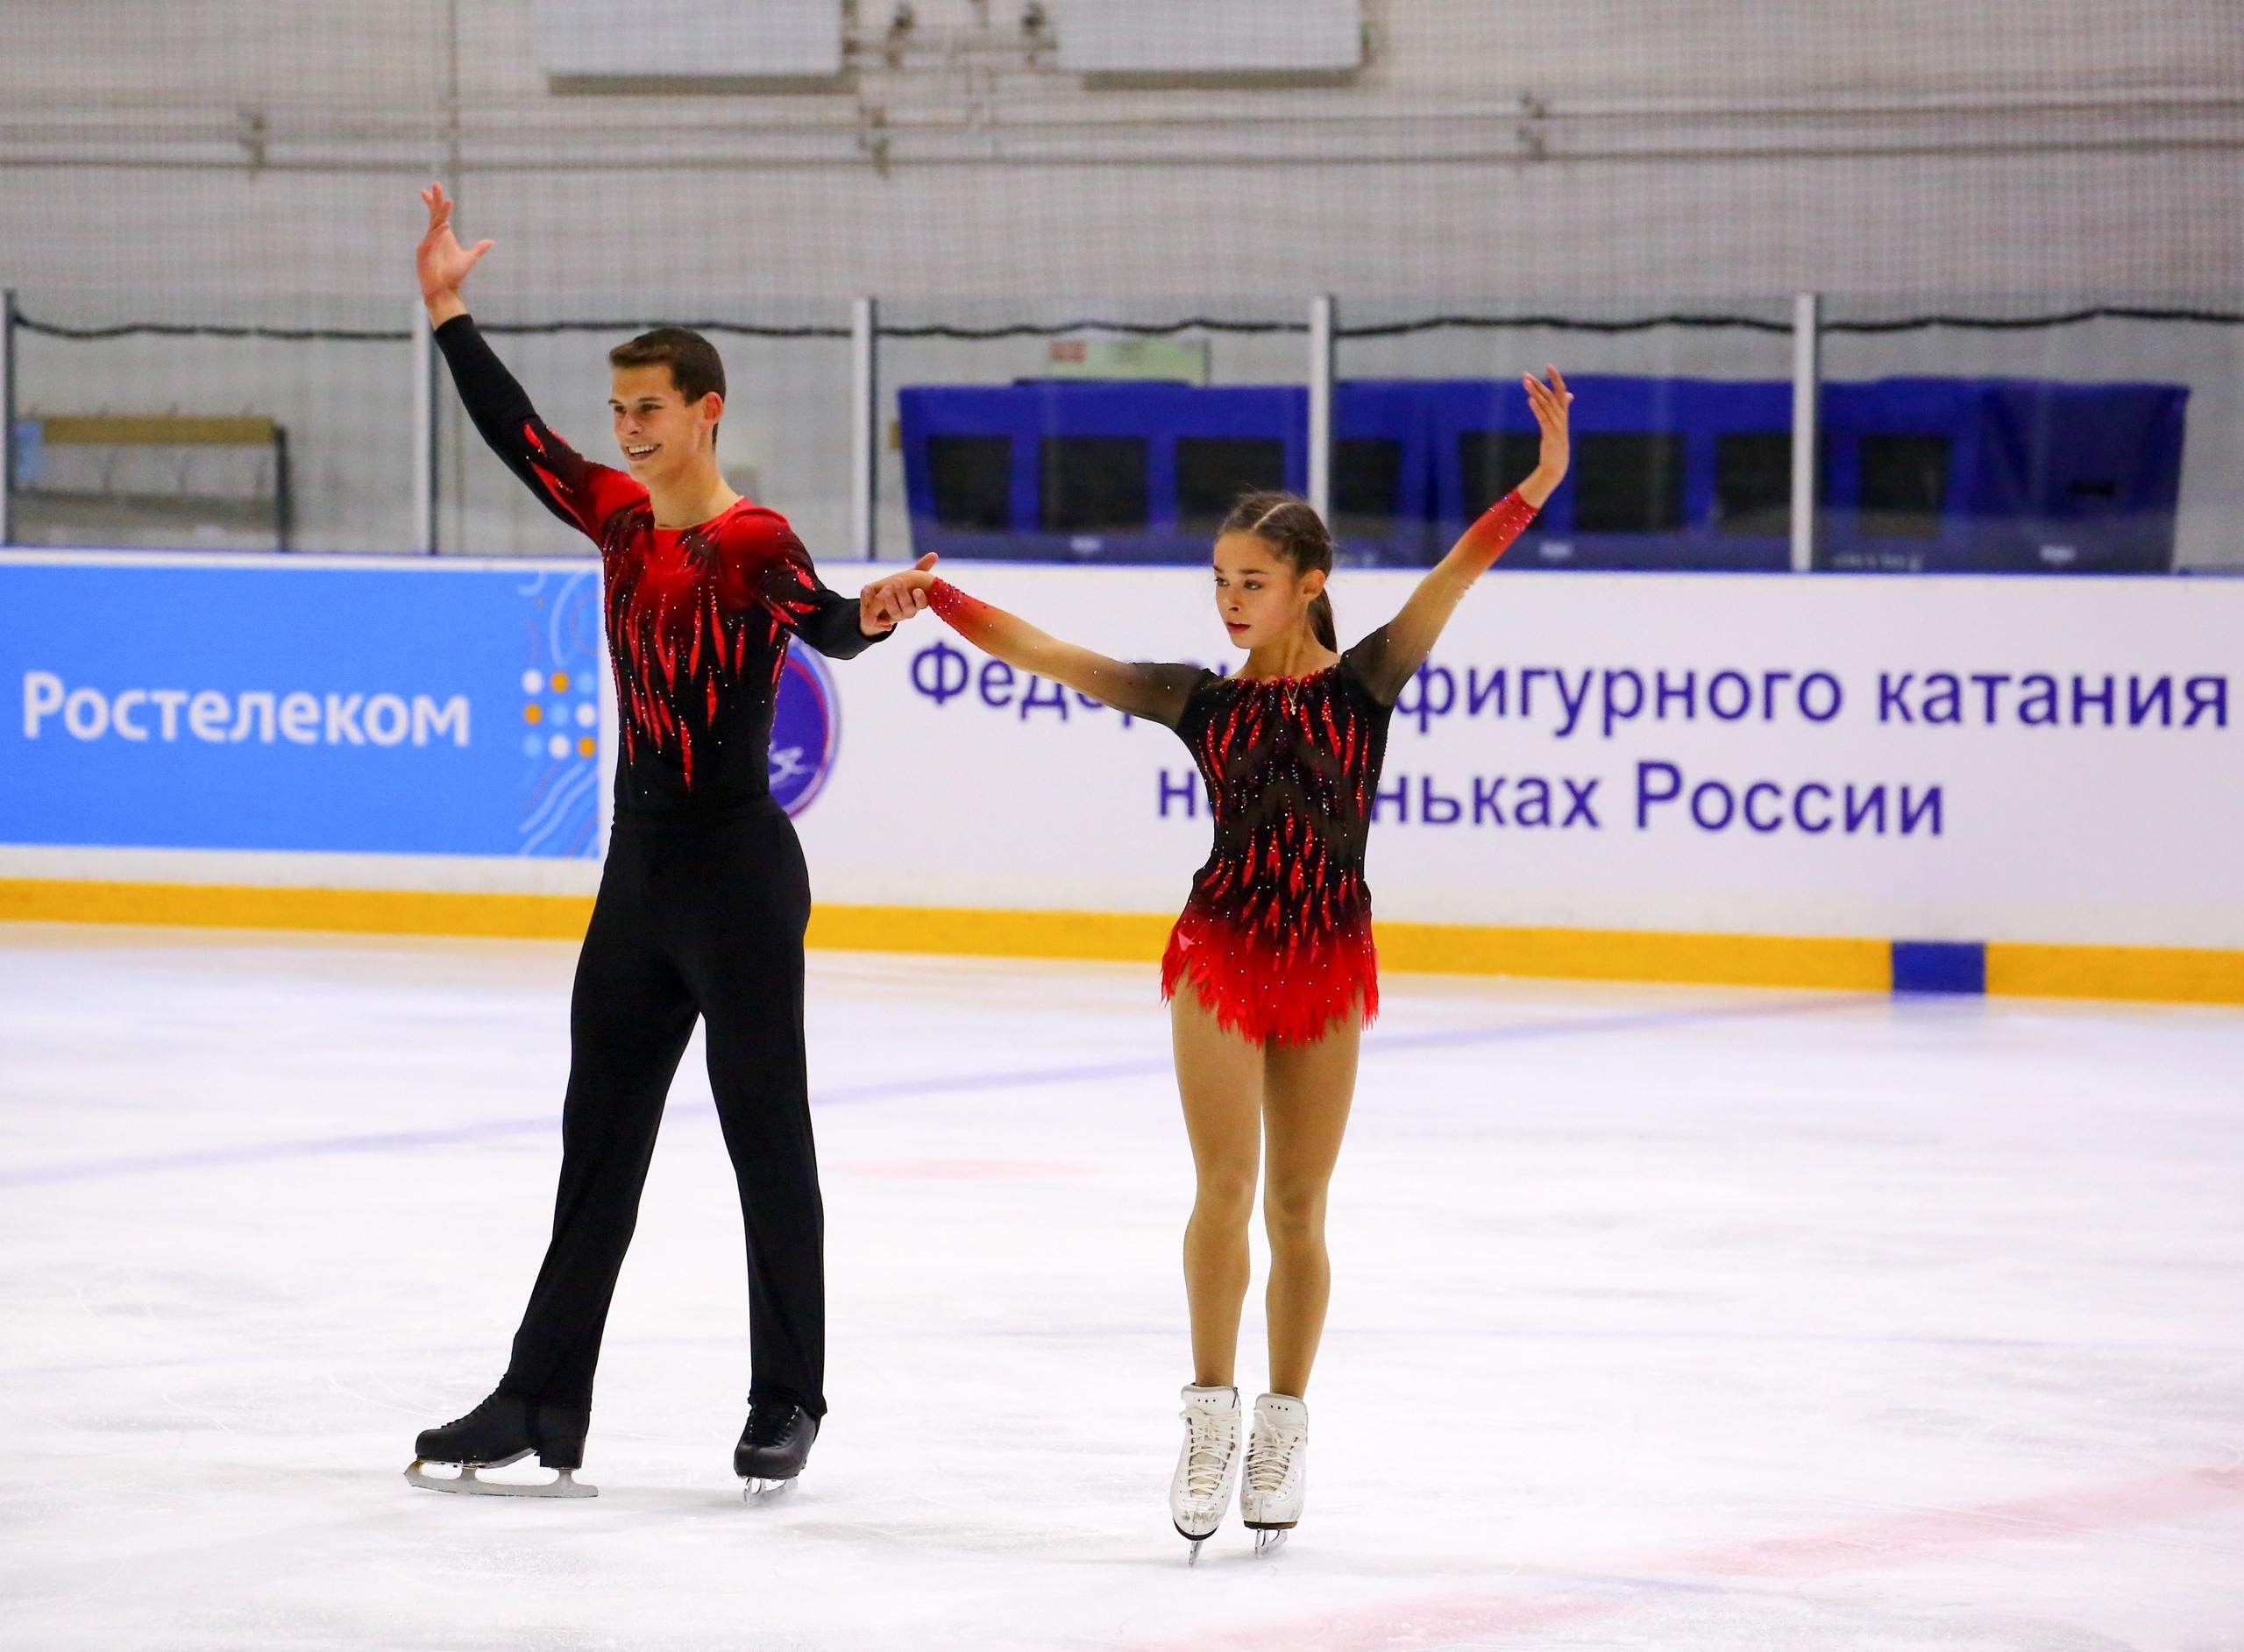 Российские соревнования сезона 2018-2019 (общая) LYjxi6rVhqY